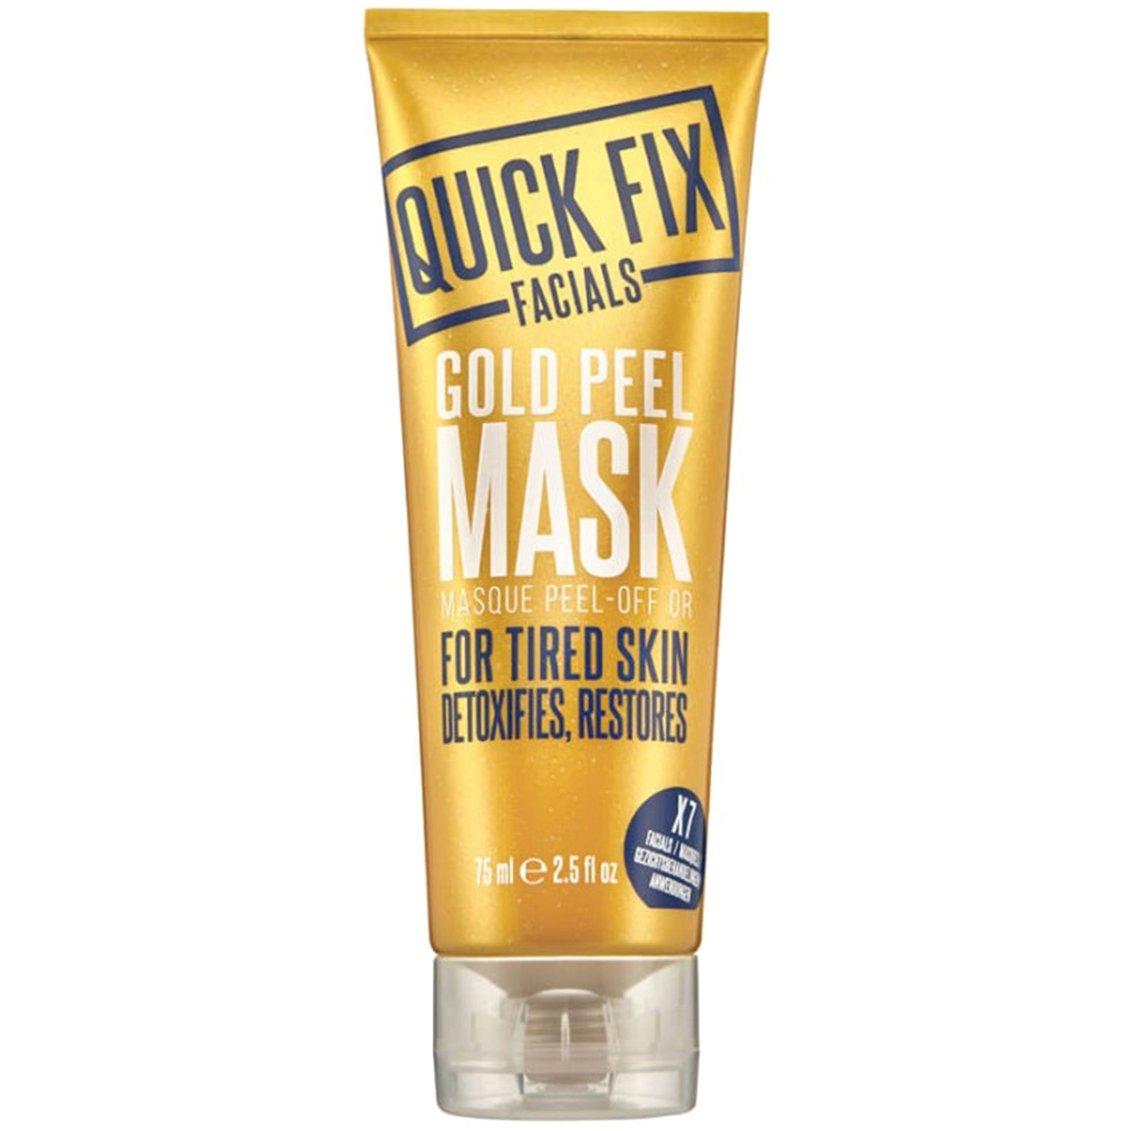 Quick Fix Facials Gold Peel Mask, Μάσκα Ιδανική για Κουρασμένο Δέρμα 75ml